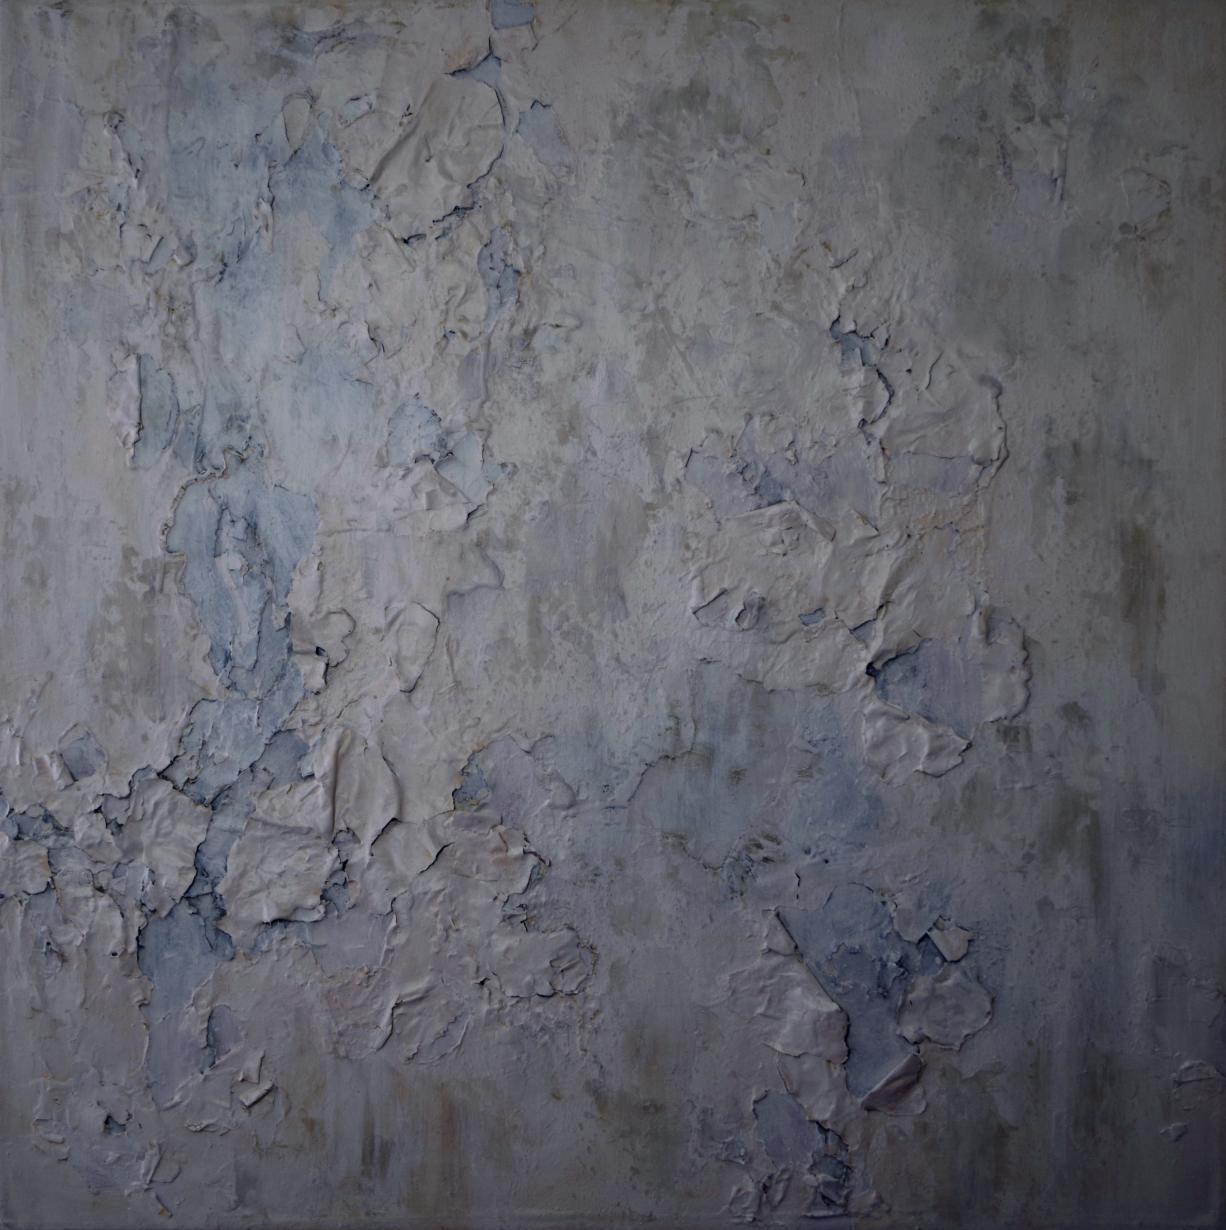 Sin título (2014) - Ivannia Lasso